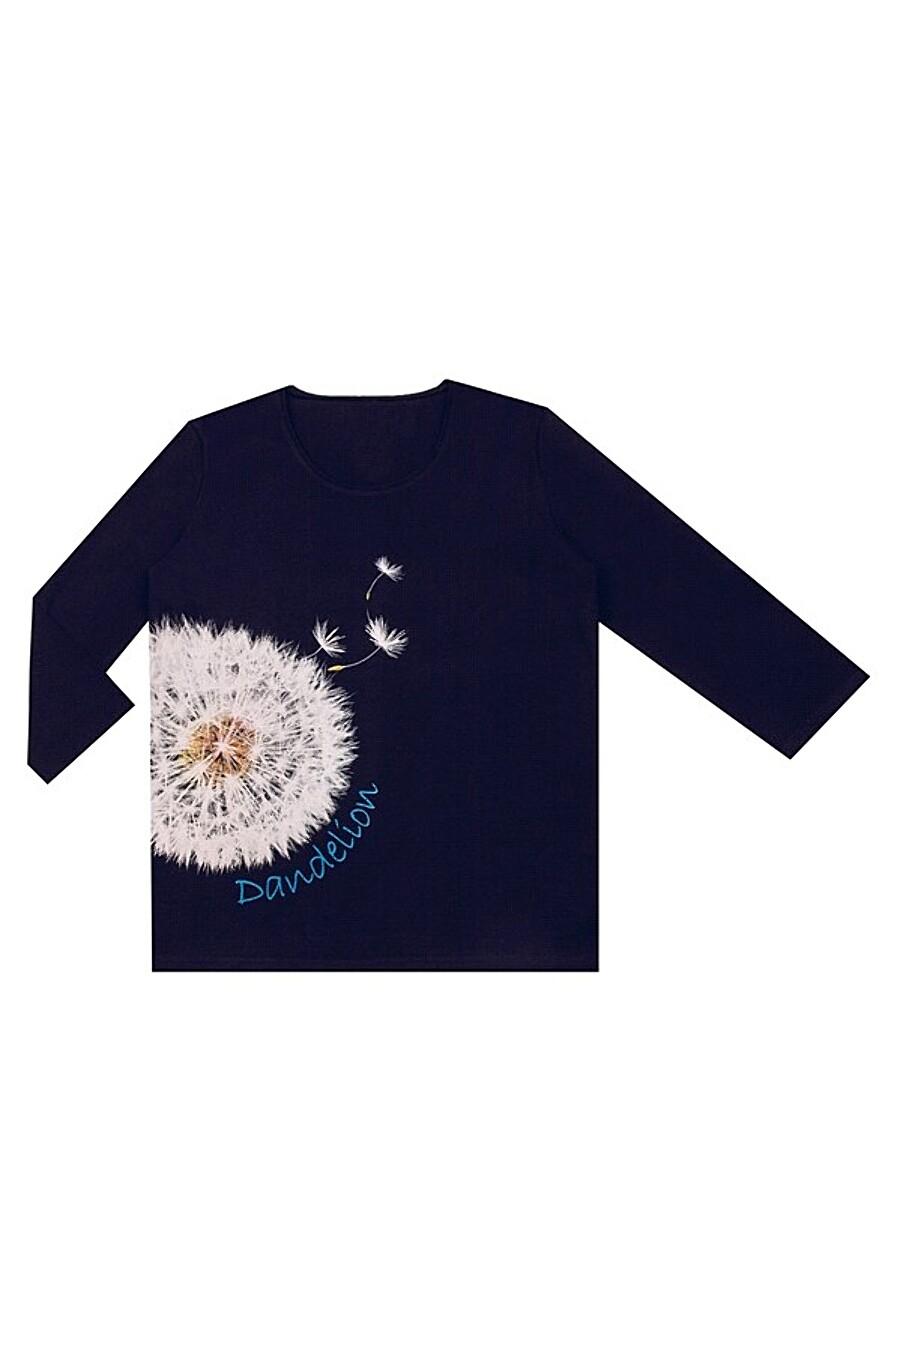 Лонгслив  для женщин АПРЕЛЬ 700647 купить оптом от производителя. Совместная покупка женской одежды в OptMoyo